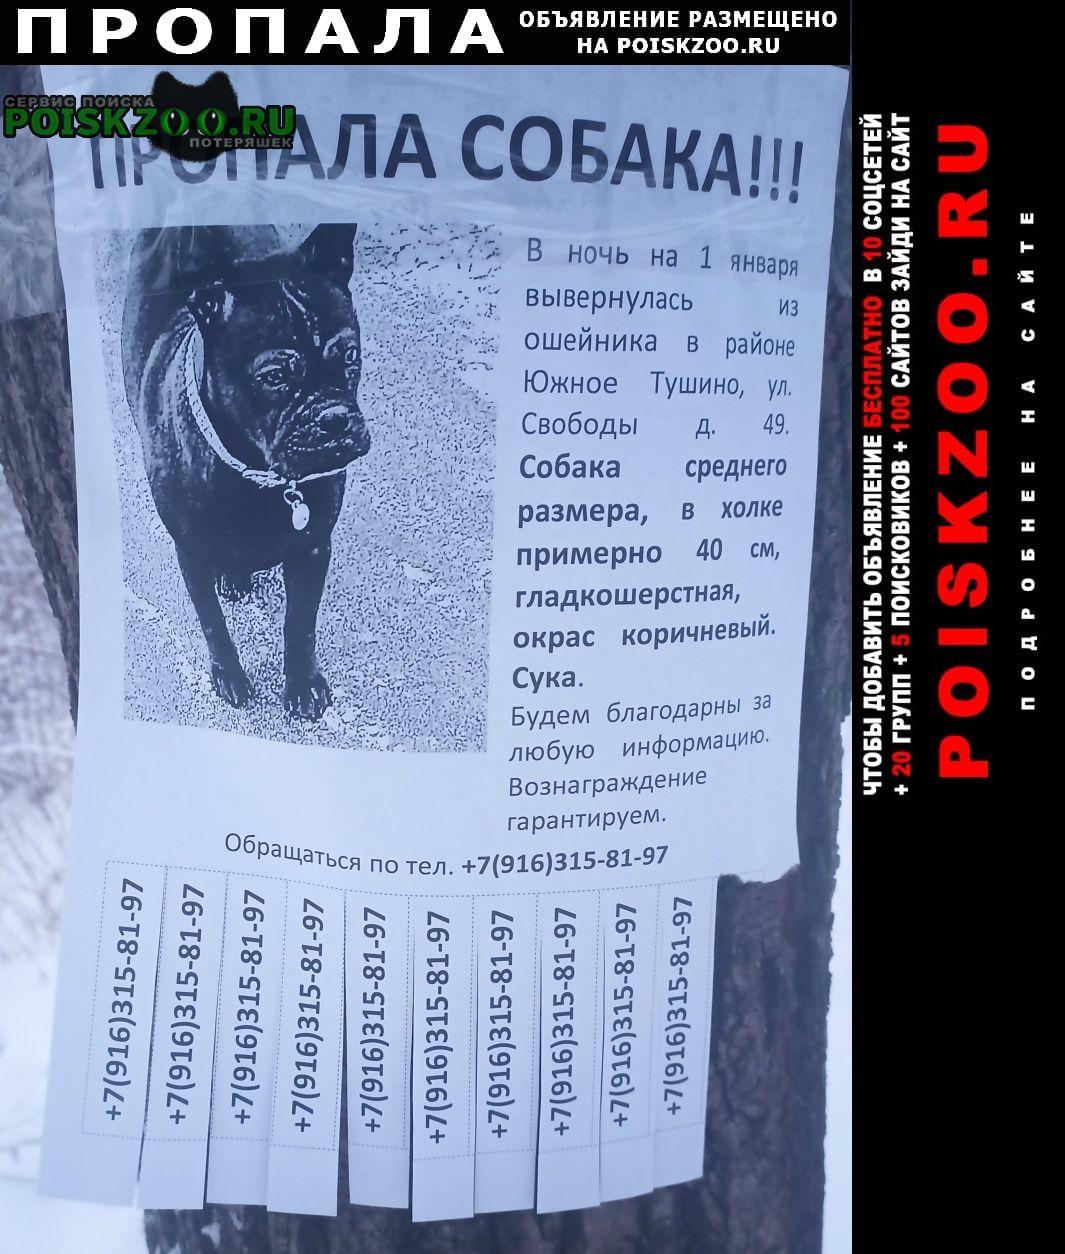 Москва Пропала собака собачка.